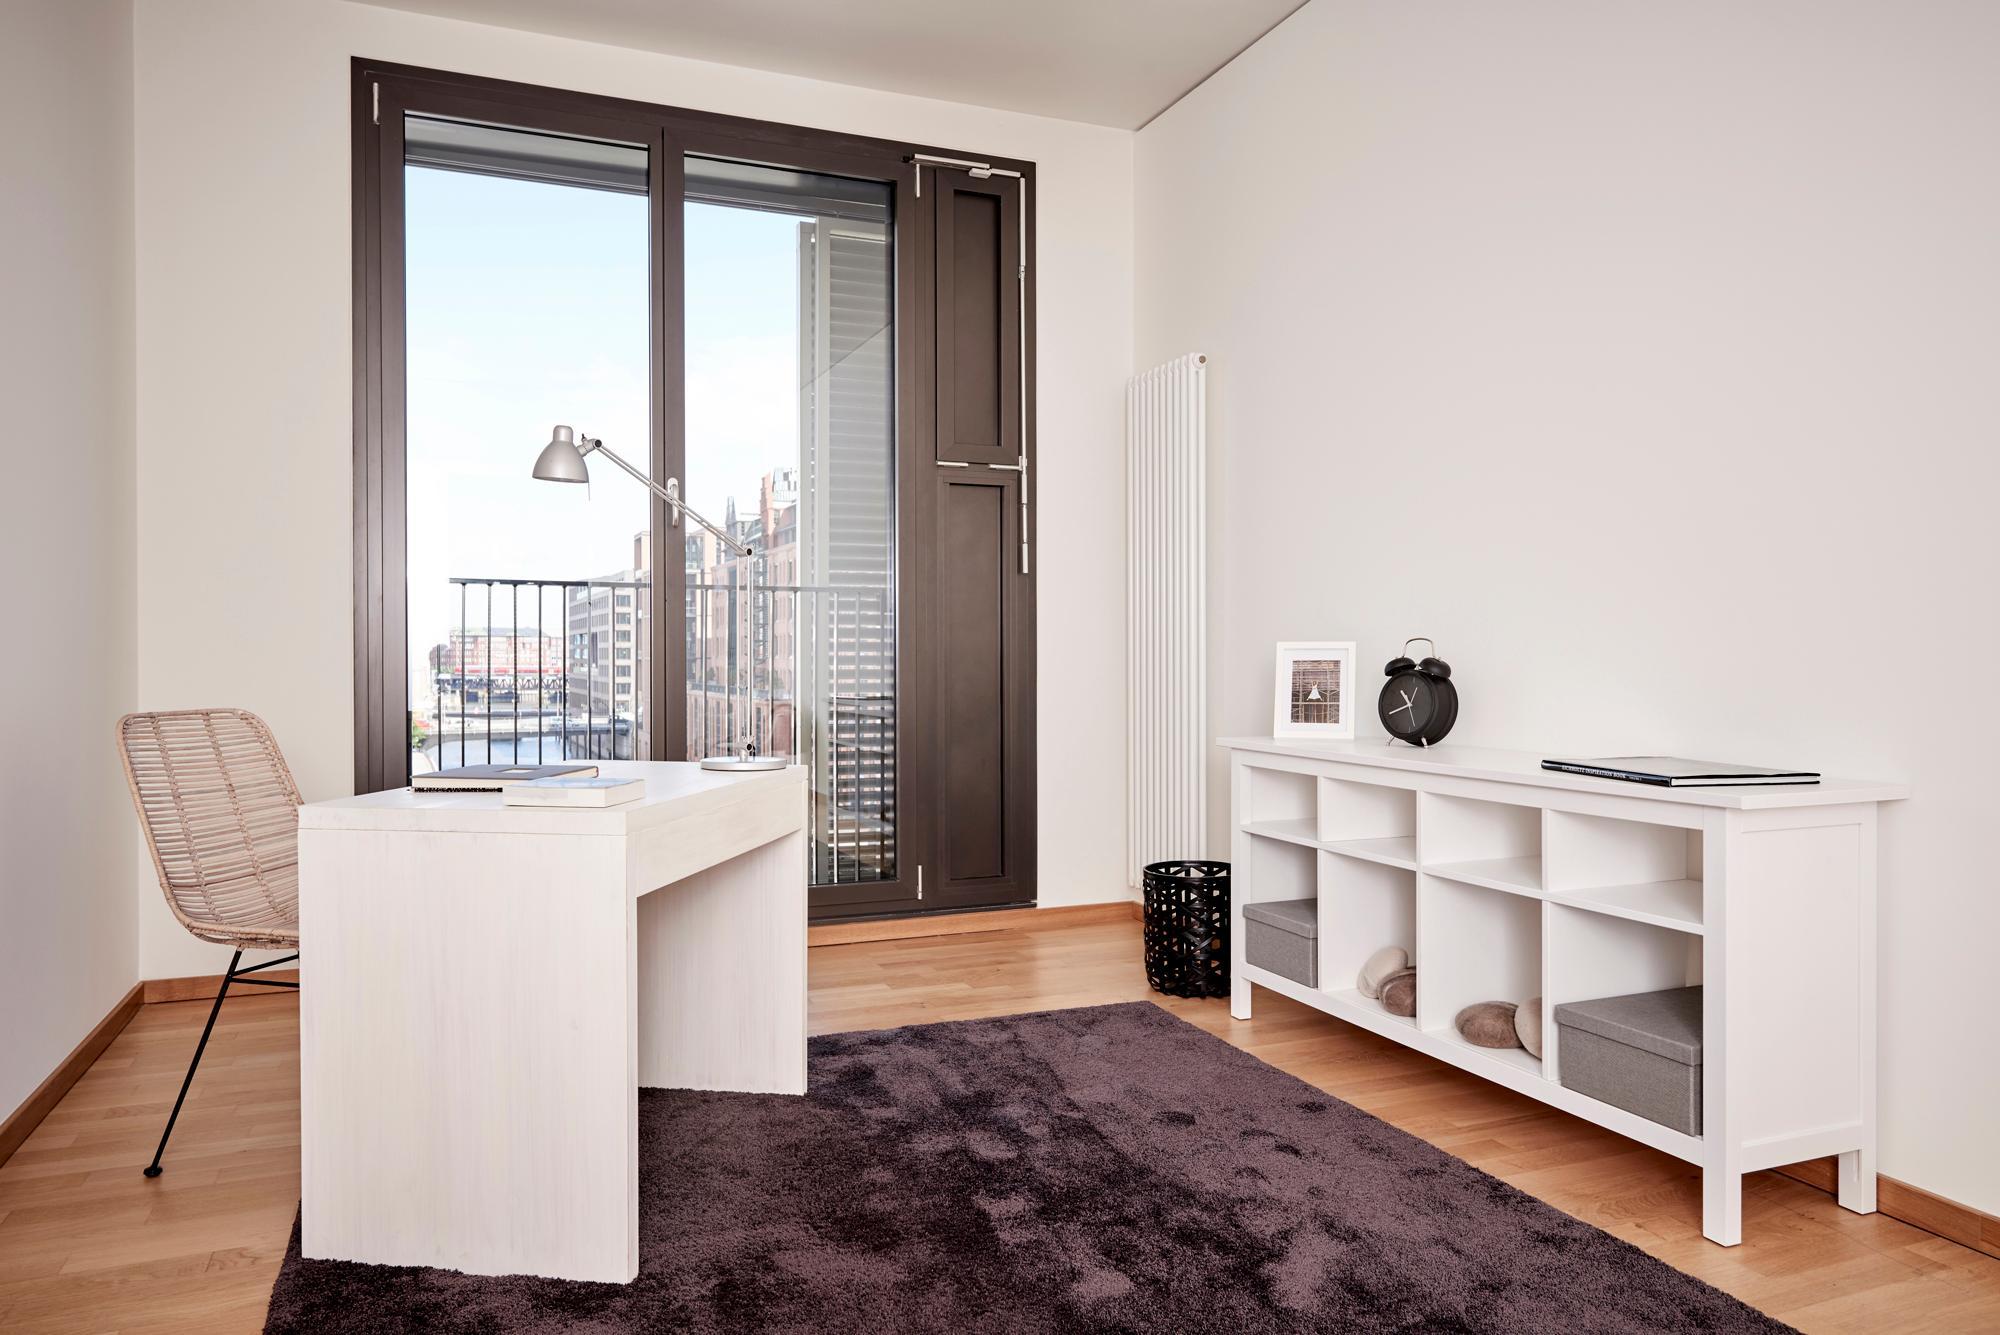 Galeriewohnung Bilder Ideen Couchstyle